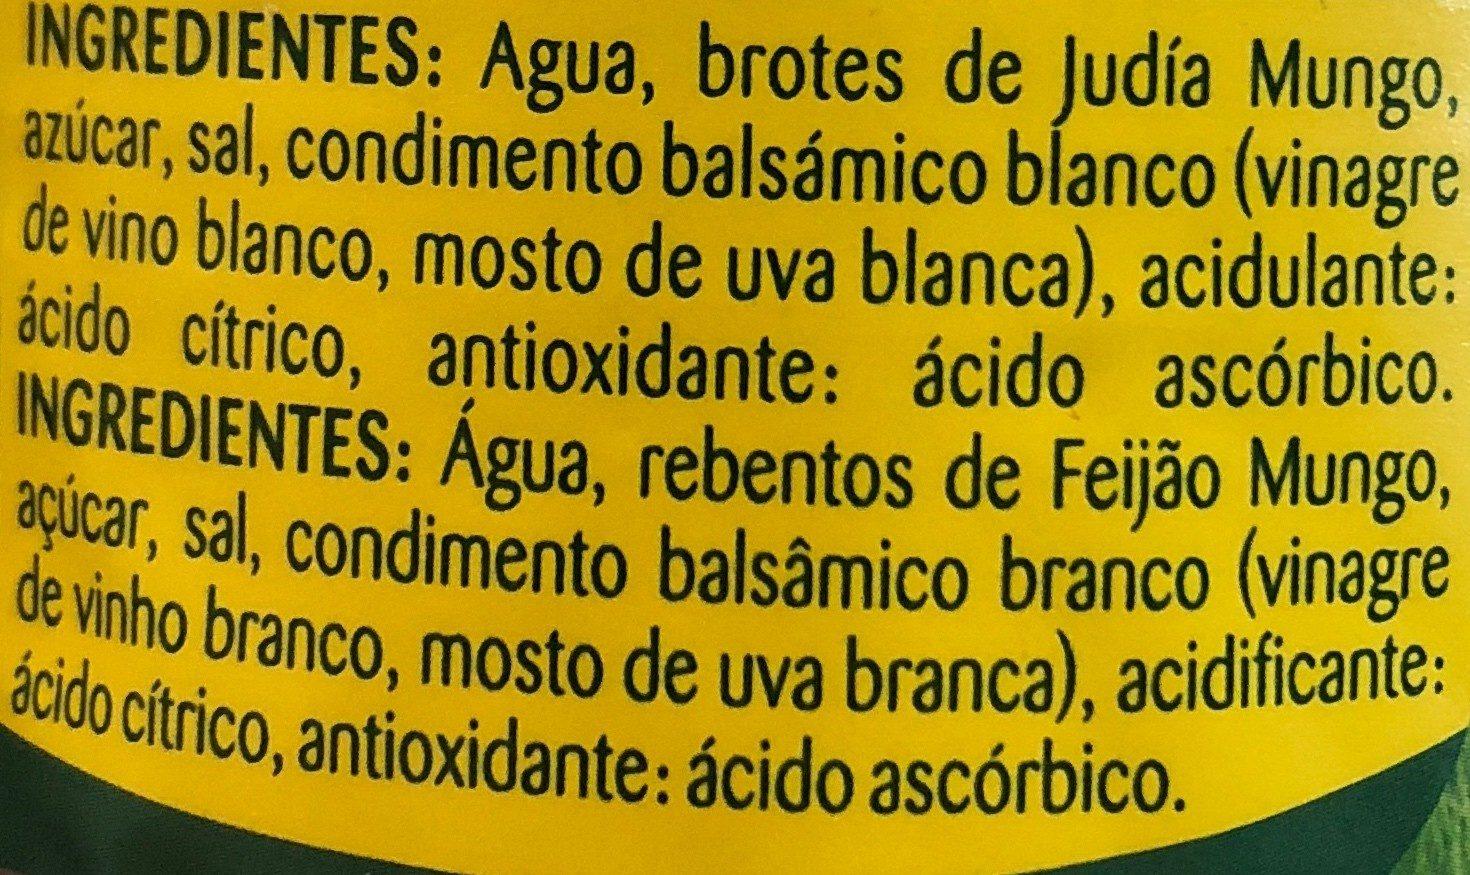 Brotes germinados - Ingrédients